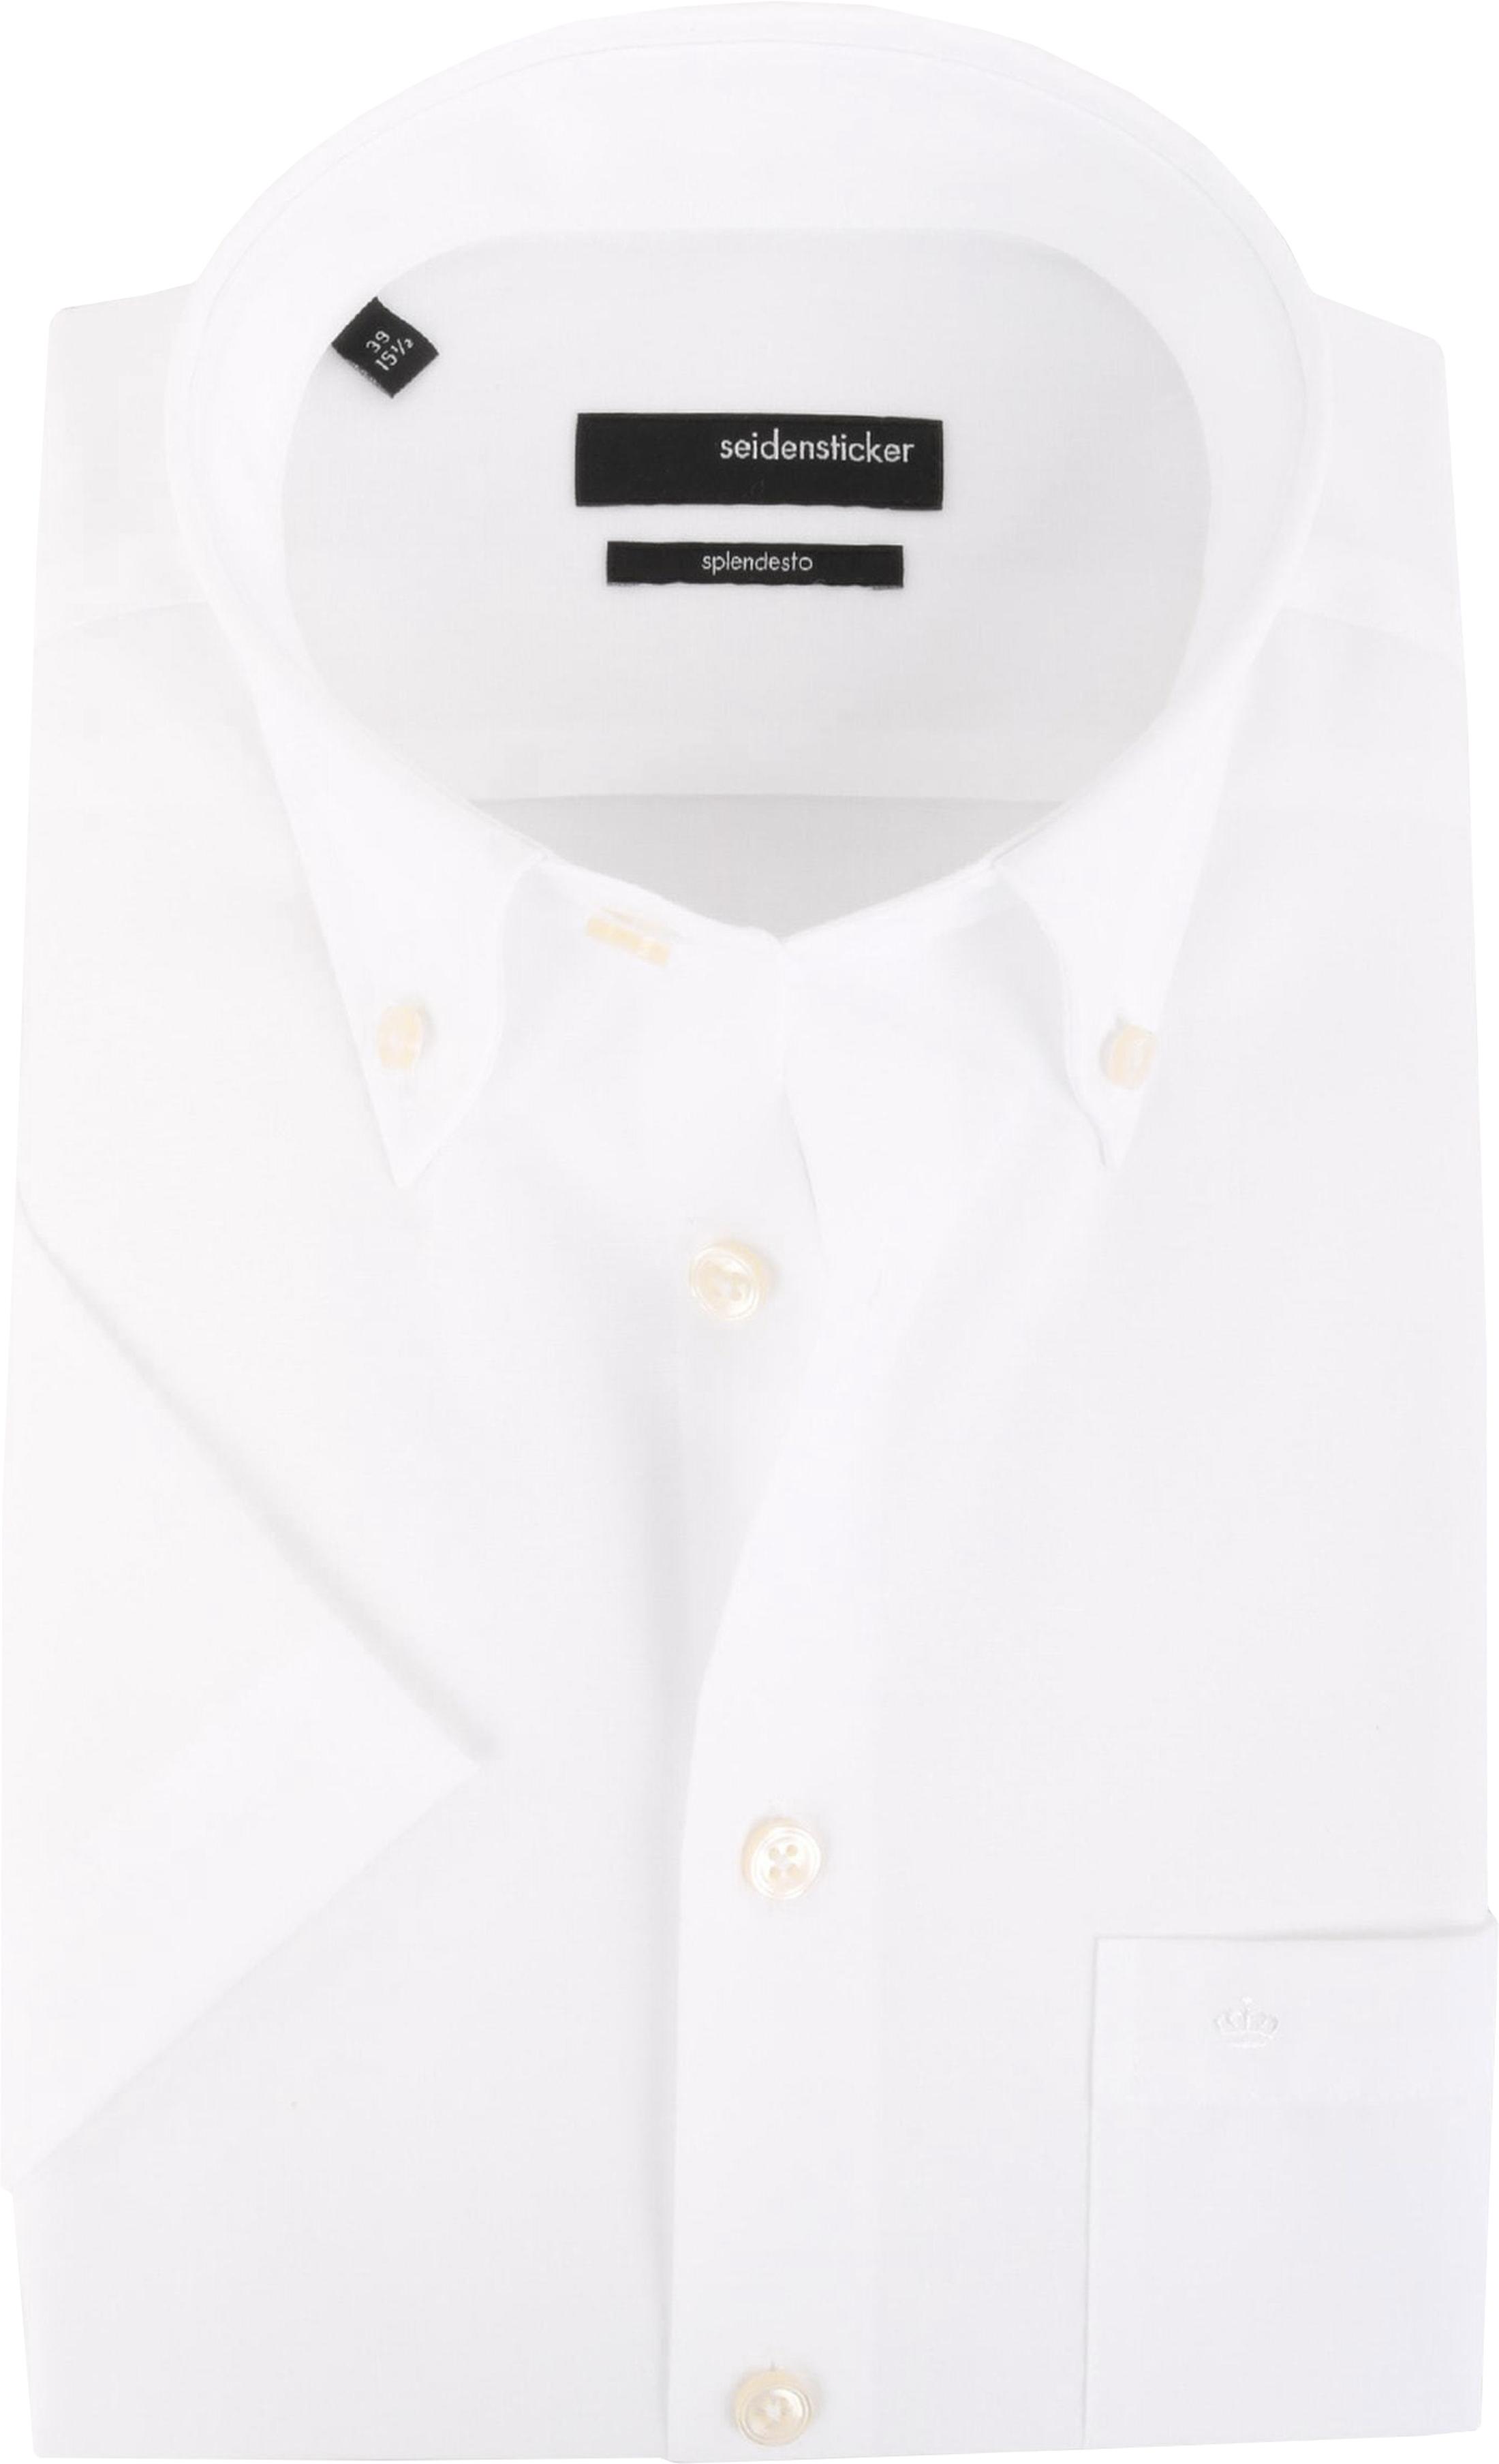 Seidensticker Splendesto Korte Mouw Overhemd Wit foto 0